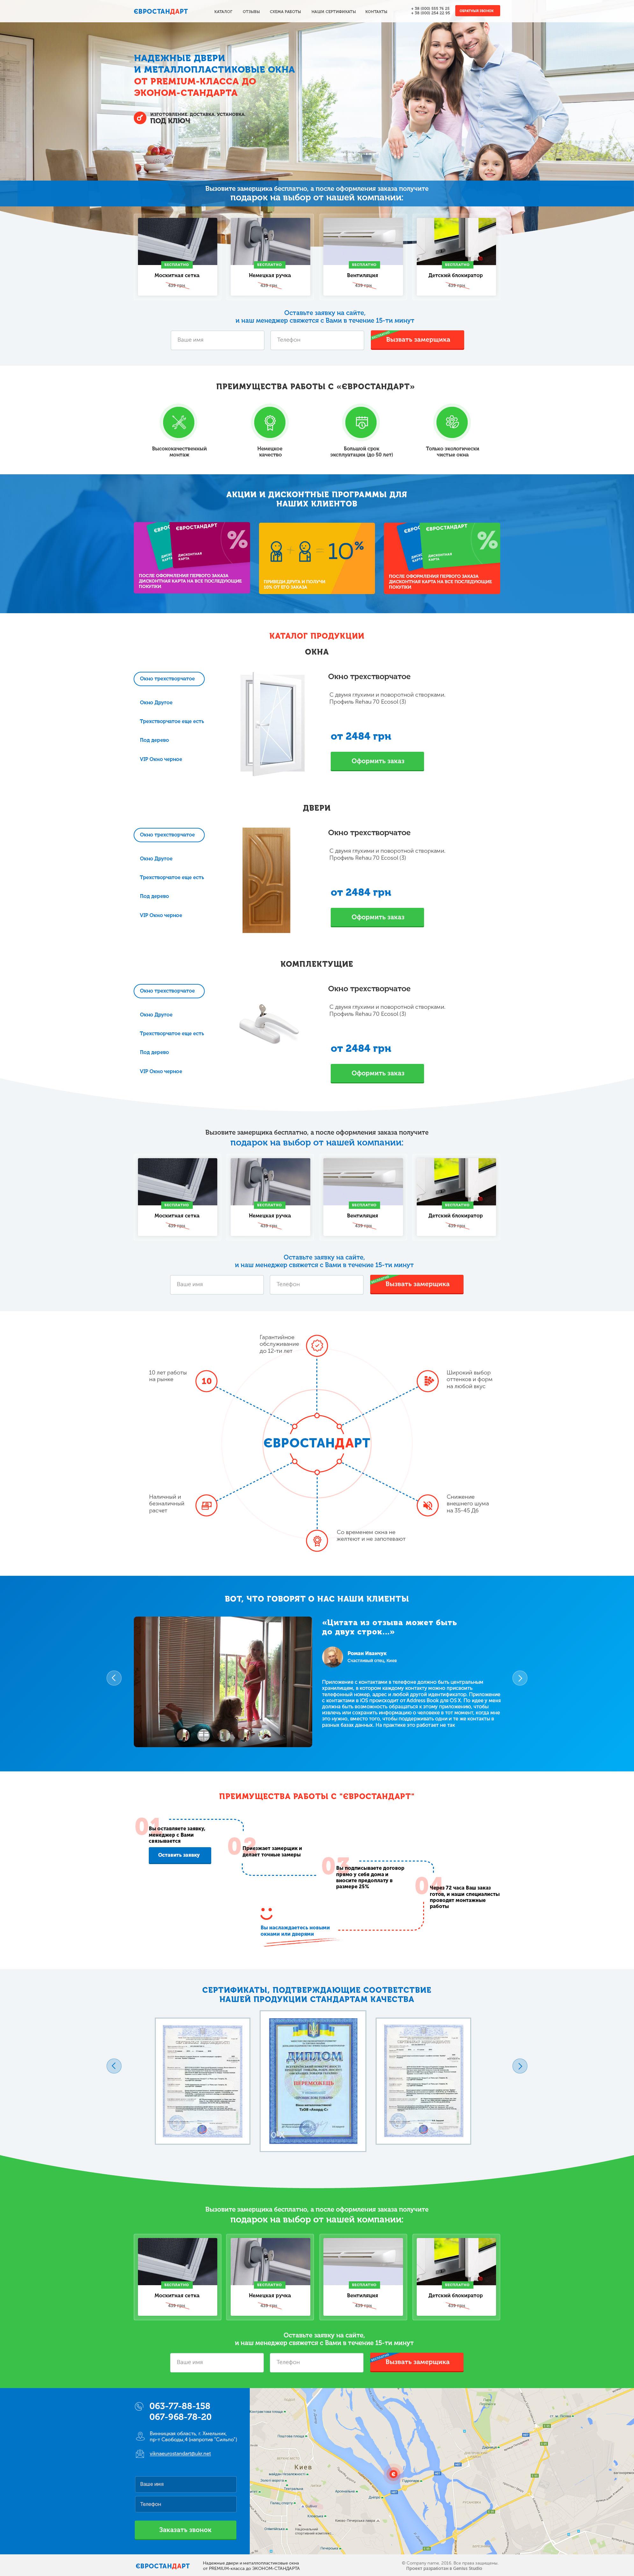 Создание сайта для производителя дверей и металлопластиковых окон  Eurostandart